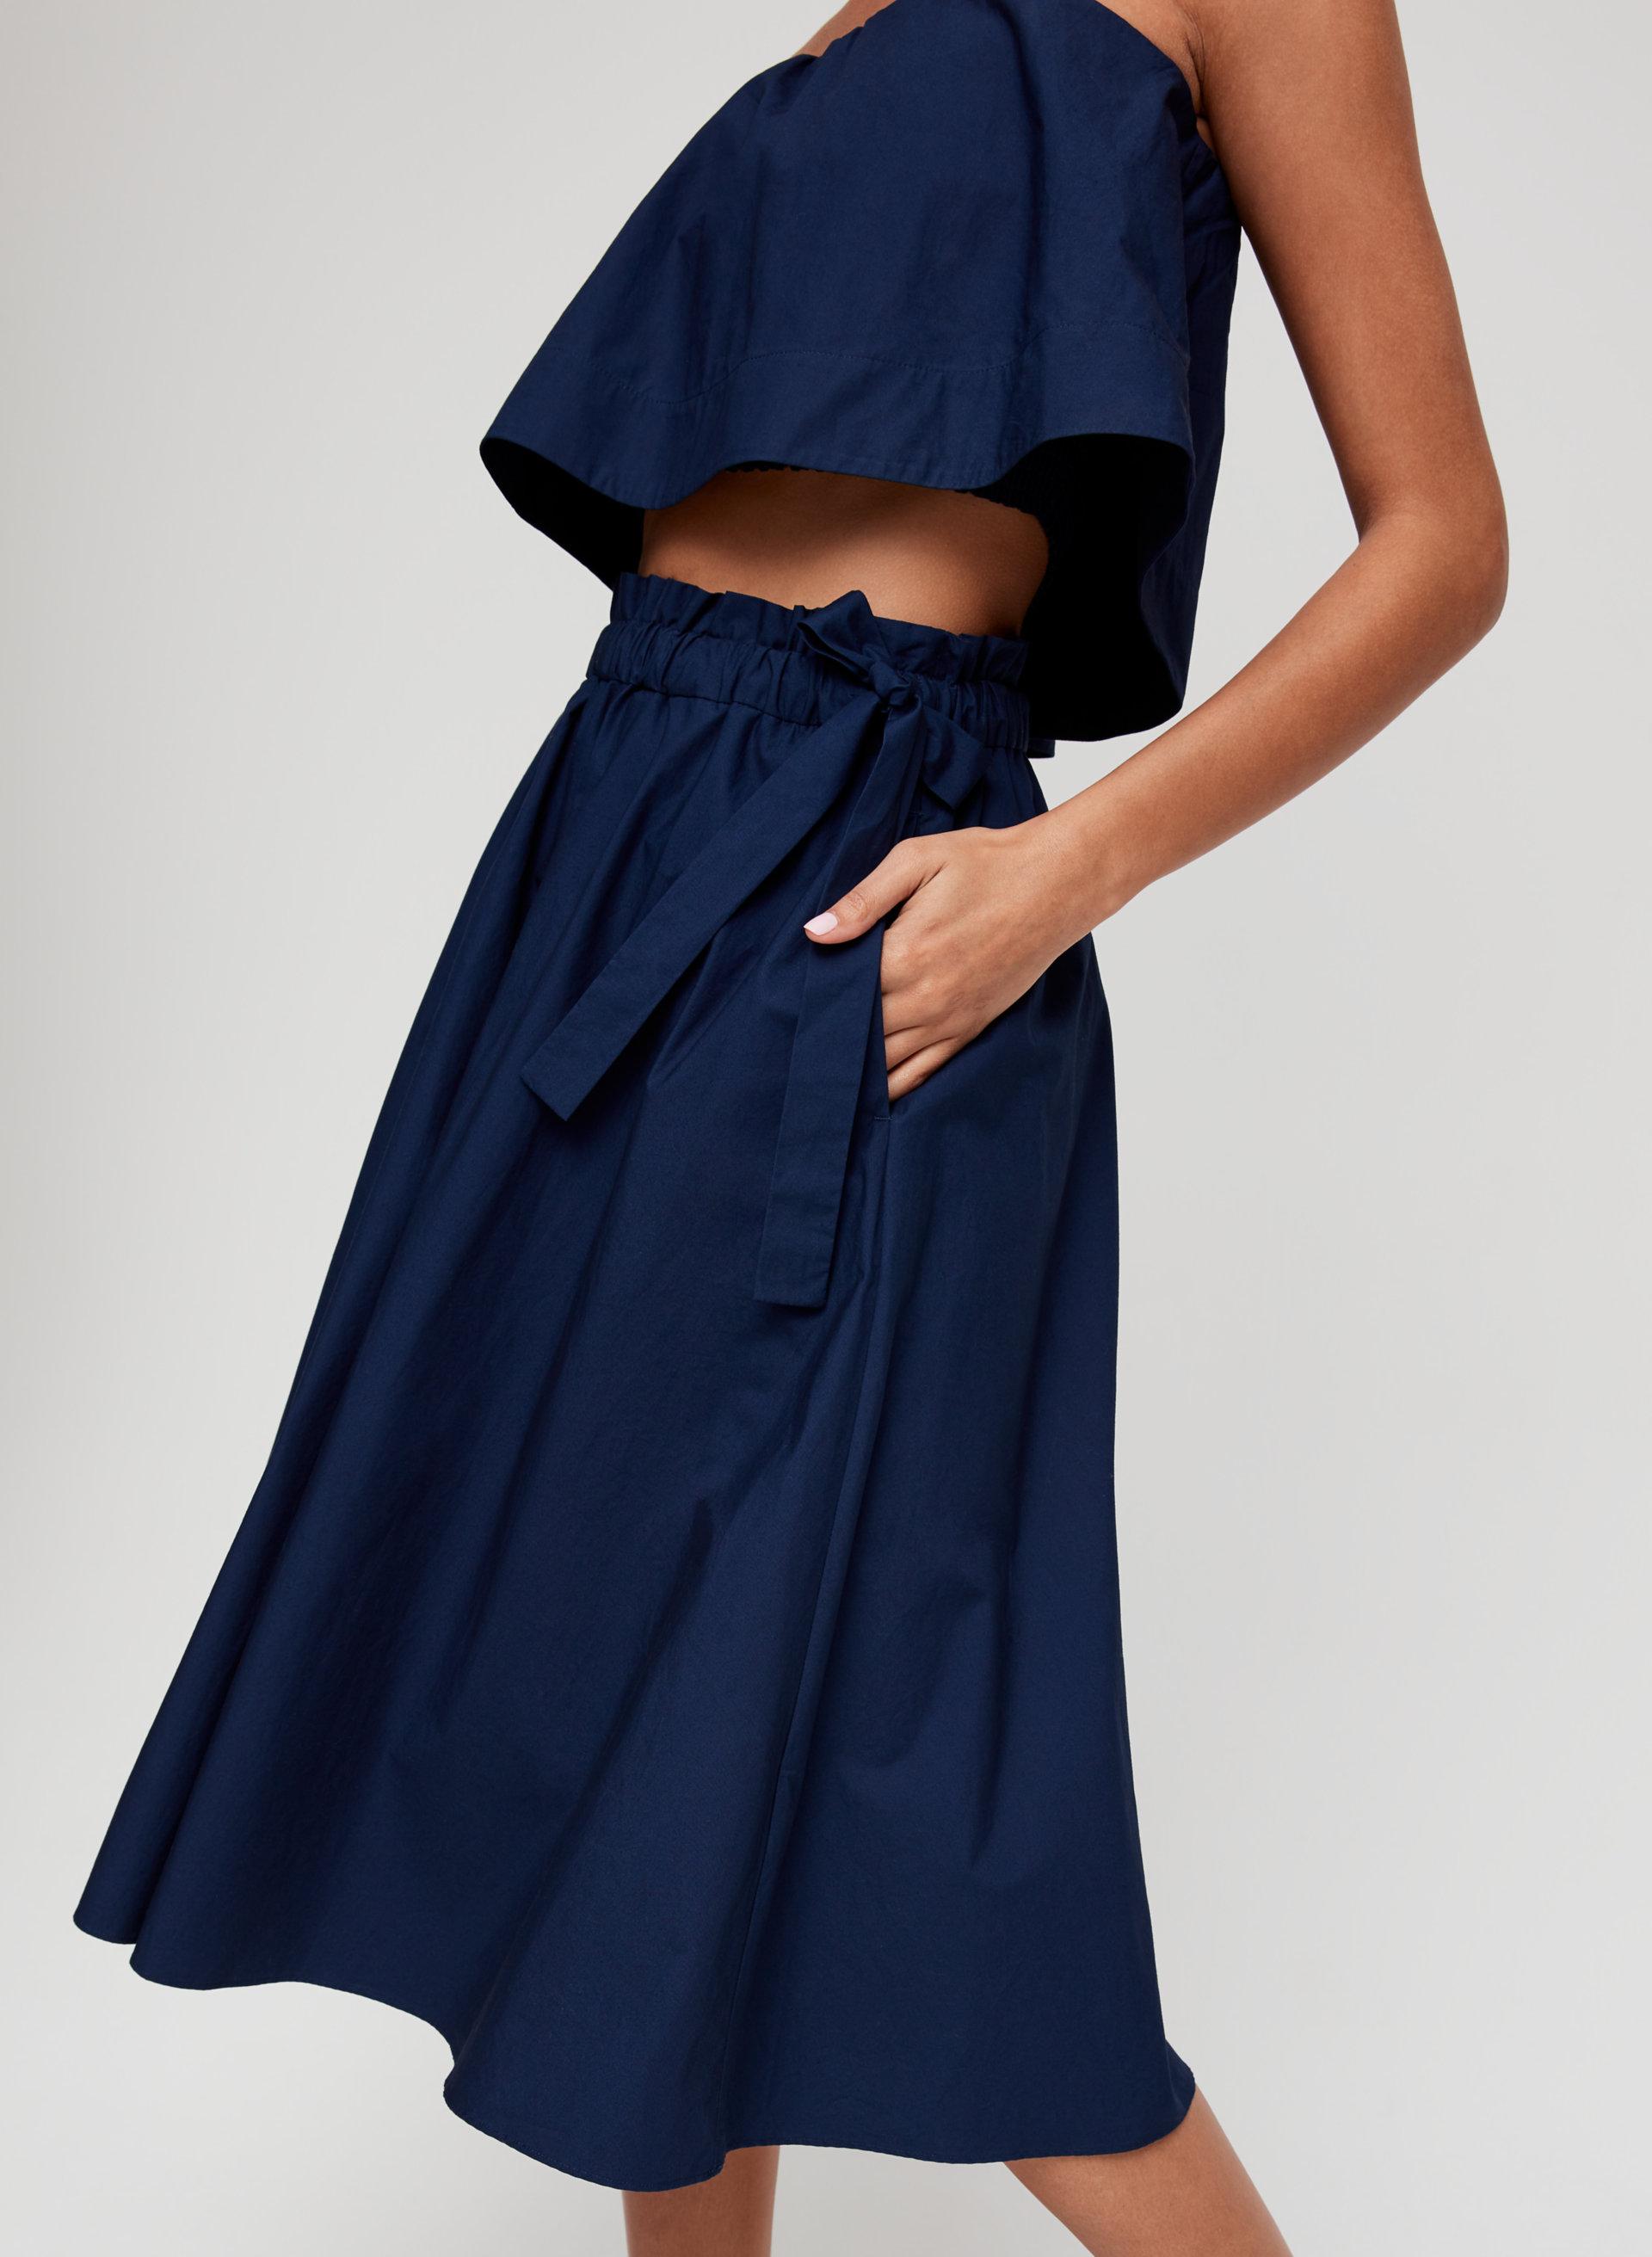 18b1b0d1f0 CHAMBLY SKIRT - Cotton A-line midi skirt